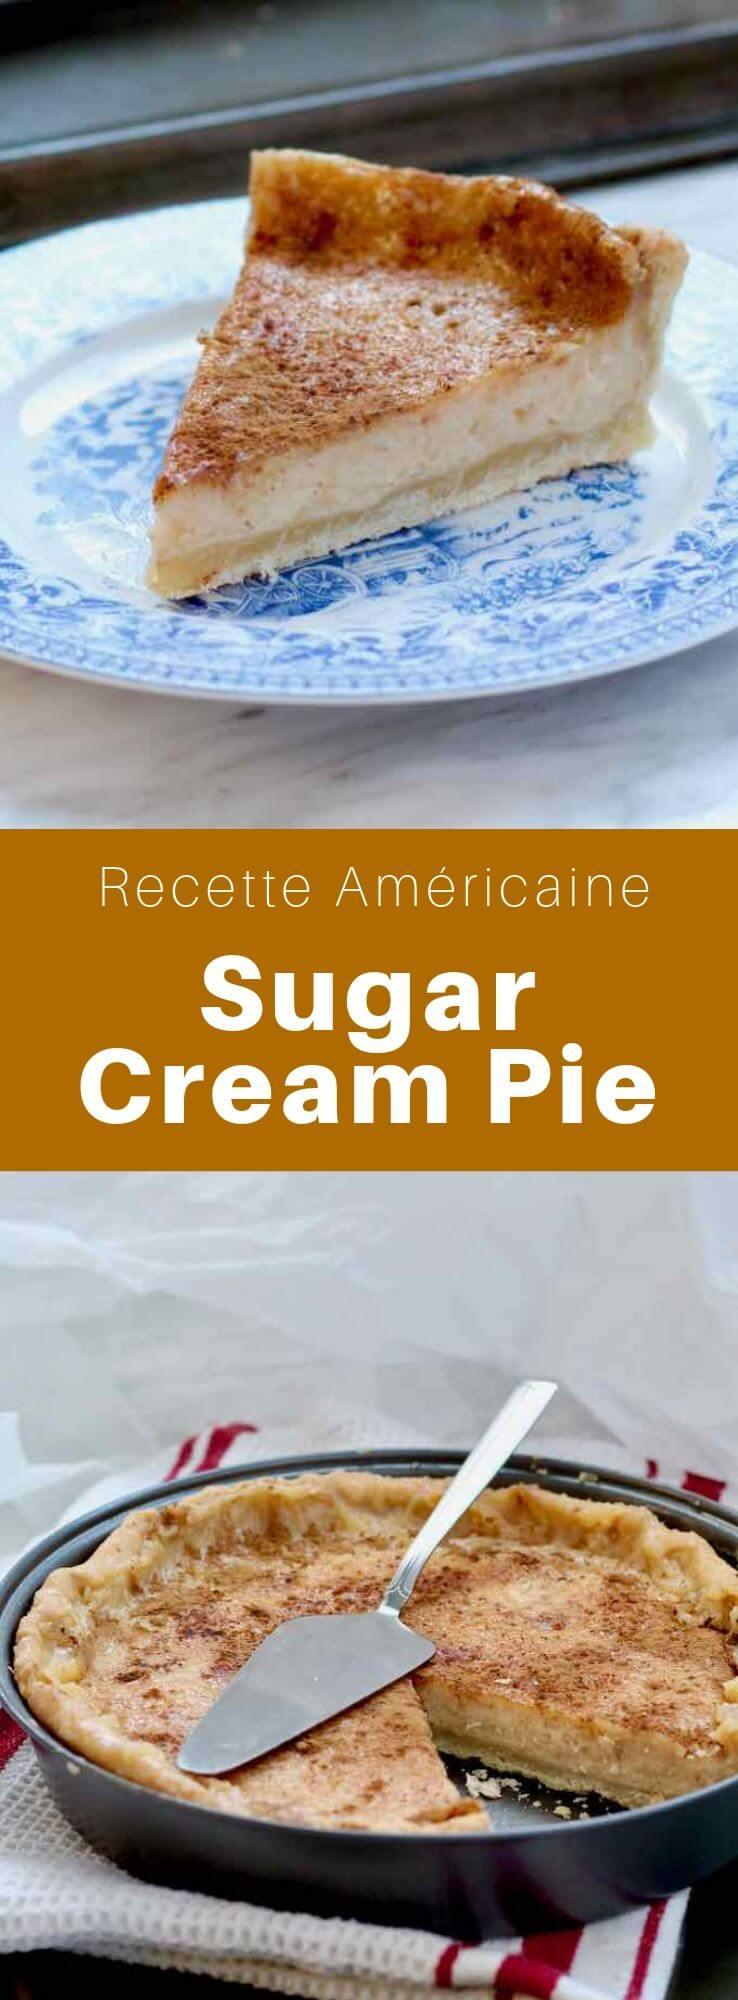 La sugar cream pie est une tarte traditionnelle de l'Indiana qui consiste en une pâte garnie de beurre, de crème à la vanille, de sucre, et de farine, puis et cuite au four. #RecetteAmericaine #CuisineAmericaine #CuisineDuMonde #196flavors